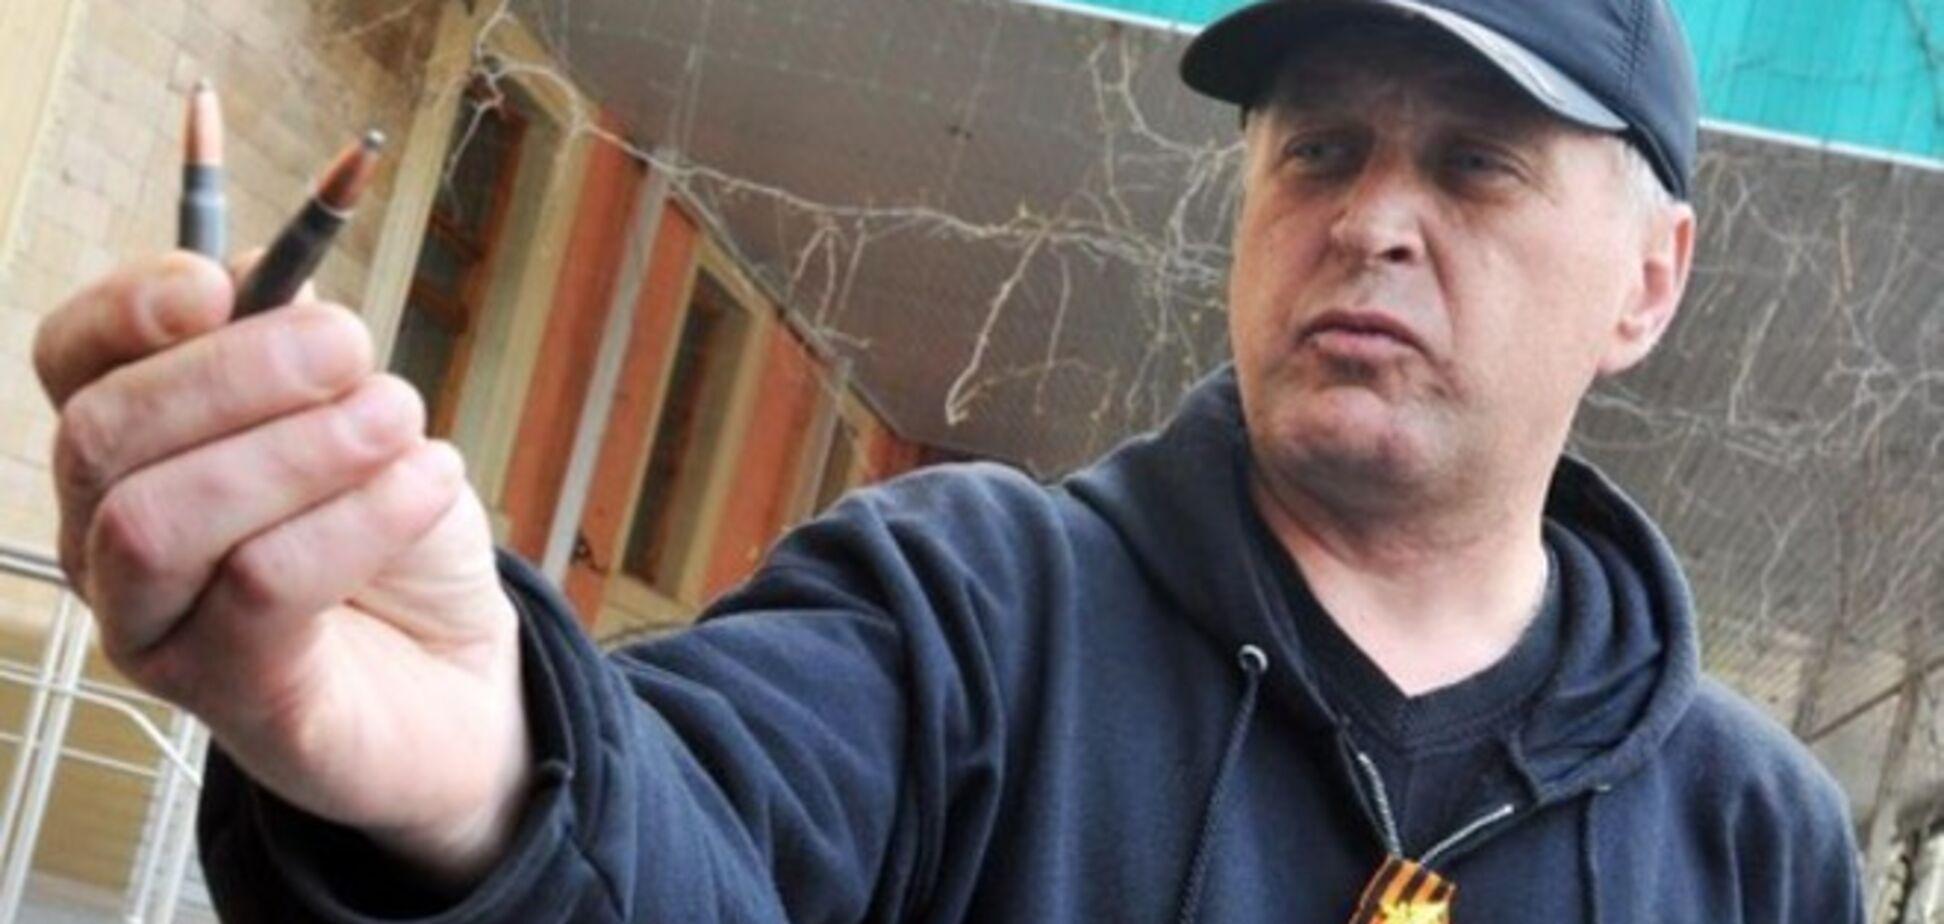 Российские СМИ сообщили об аресте 'народного мэра' Славянска